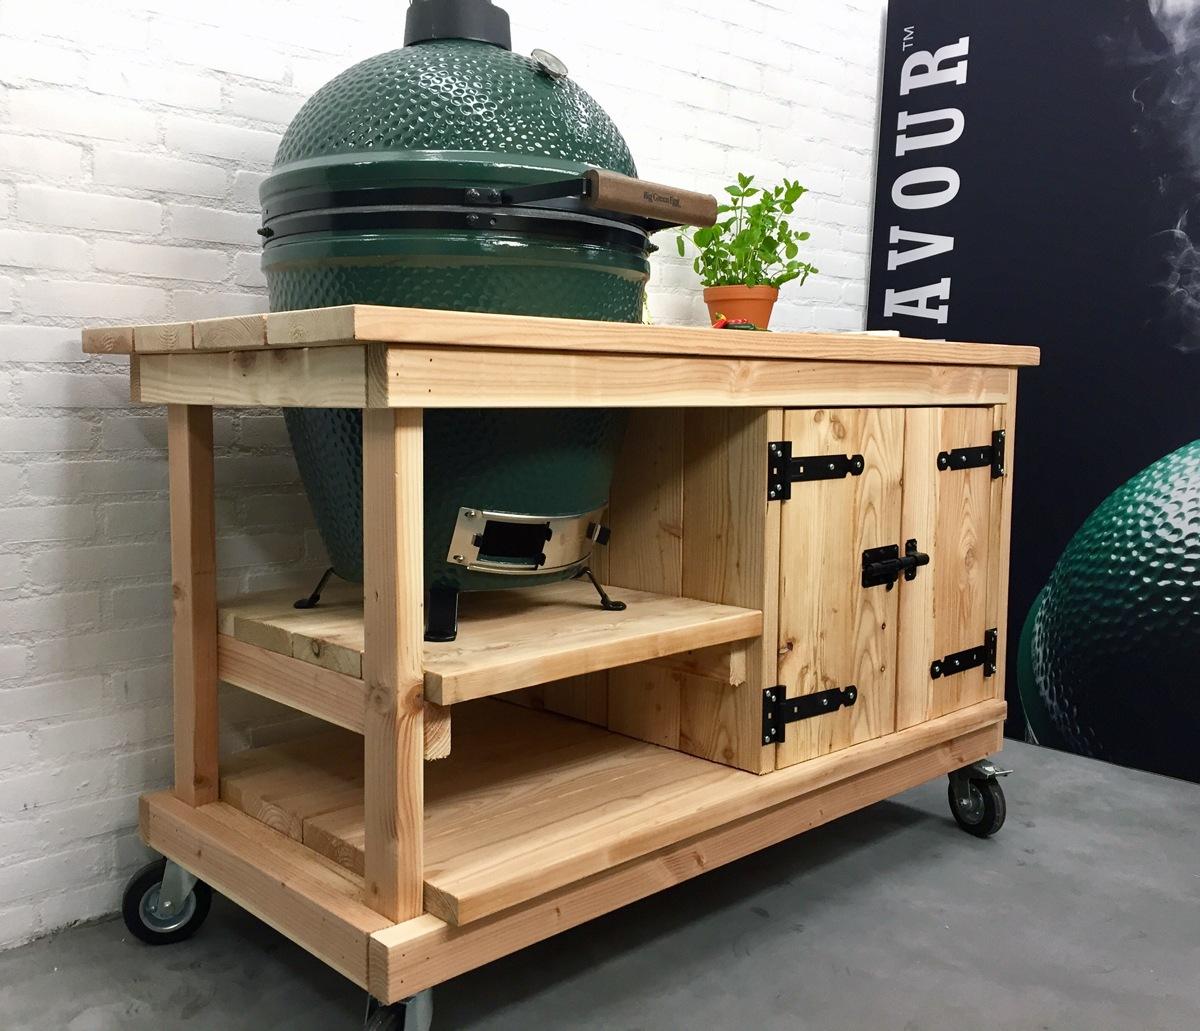 douglas-tafel-kast-big-green-egg-large-5